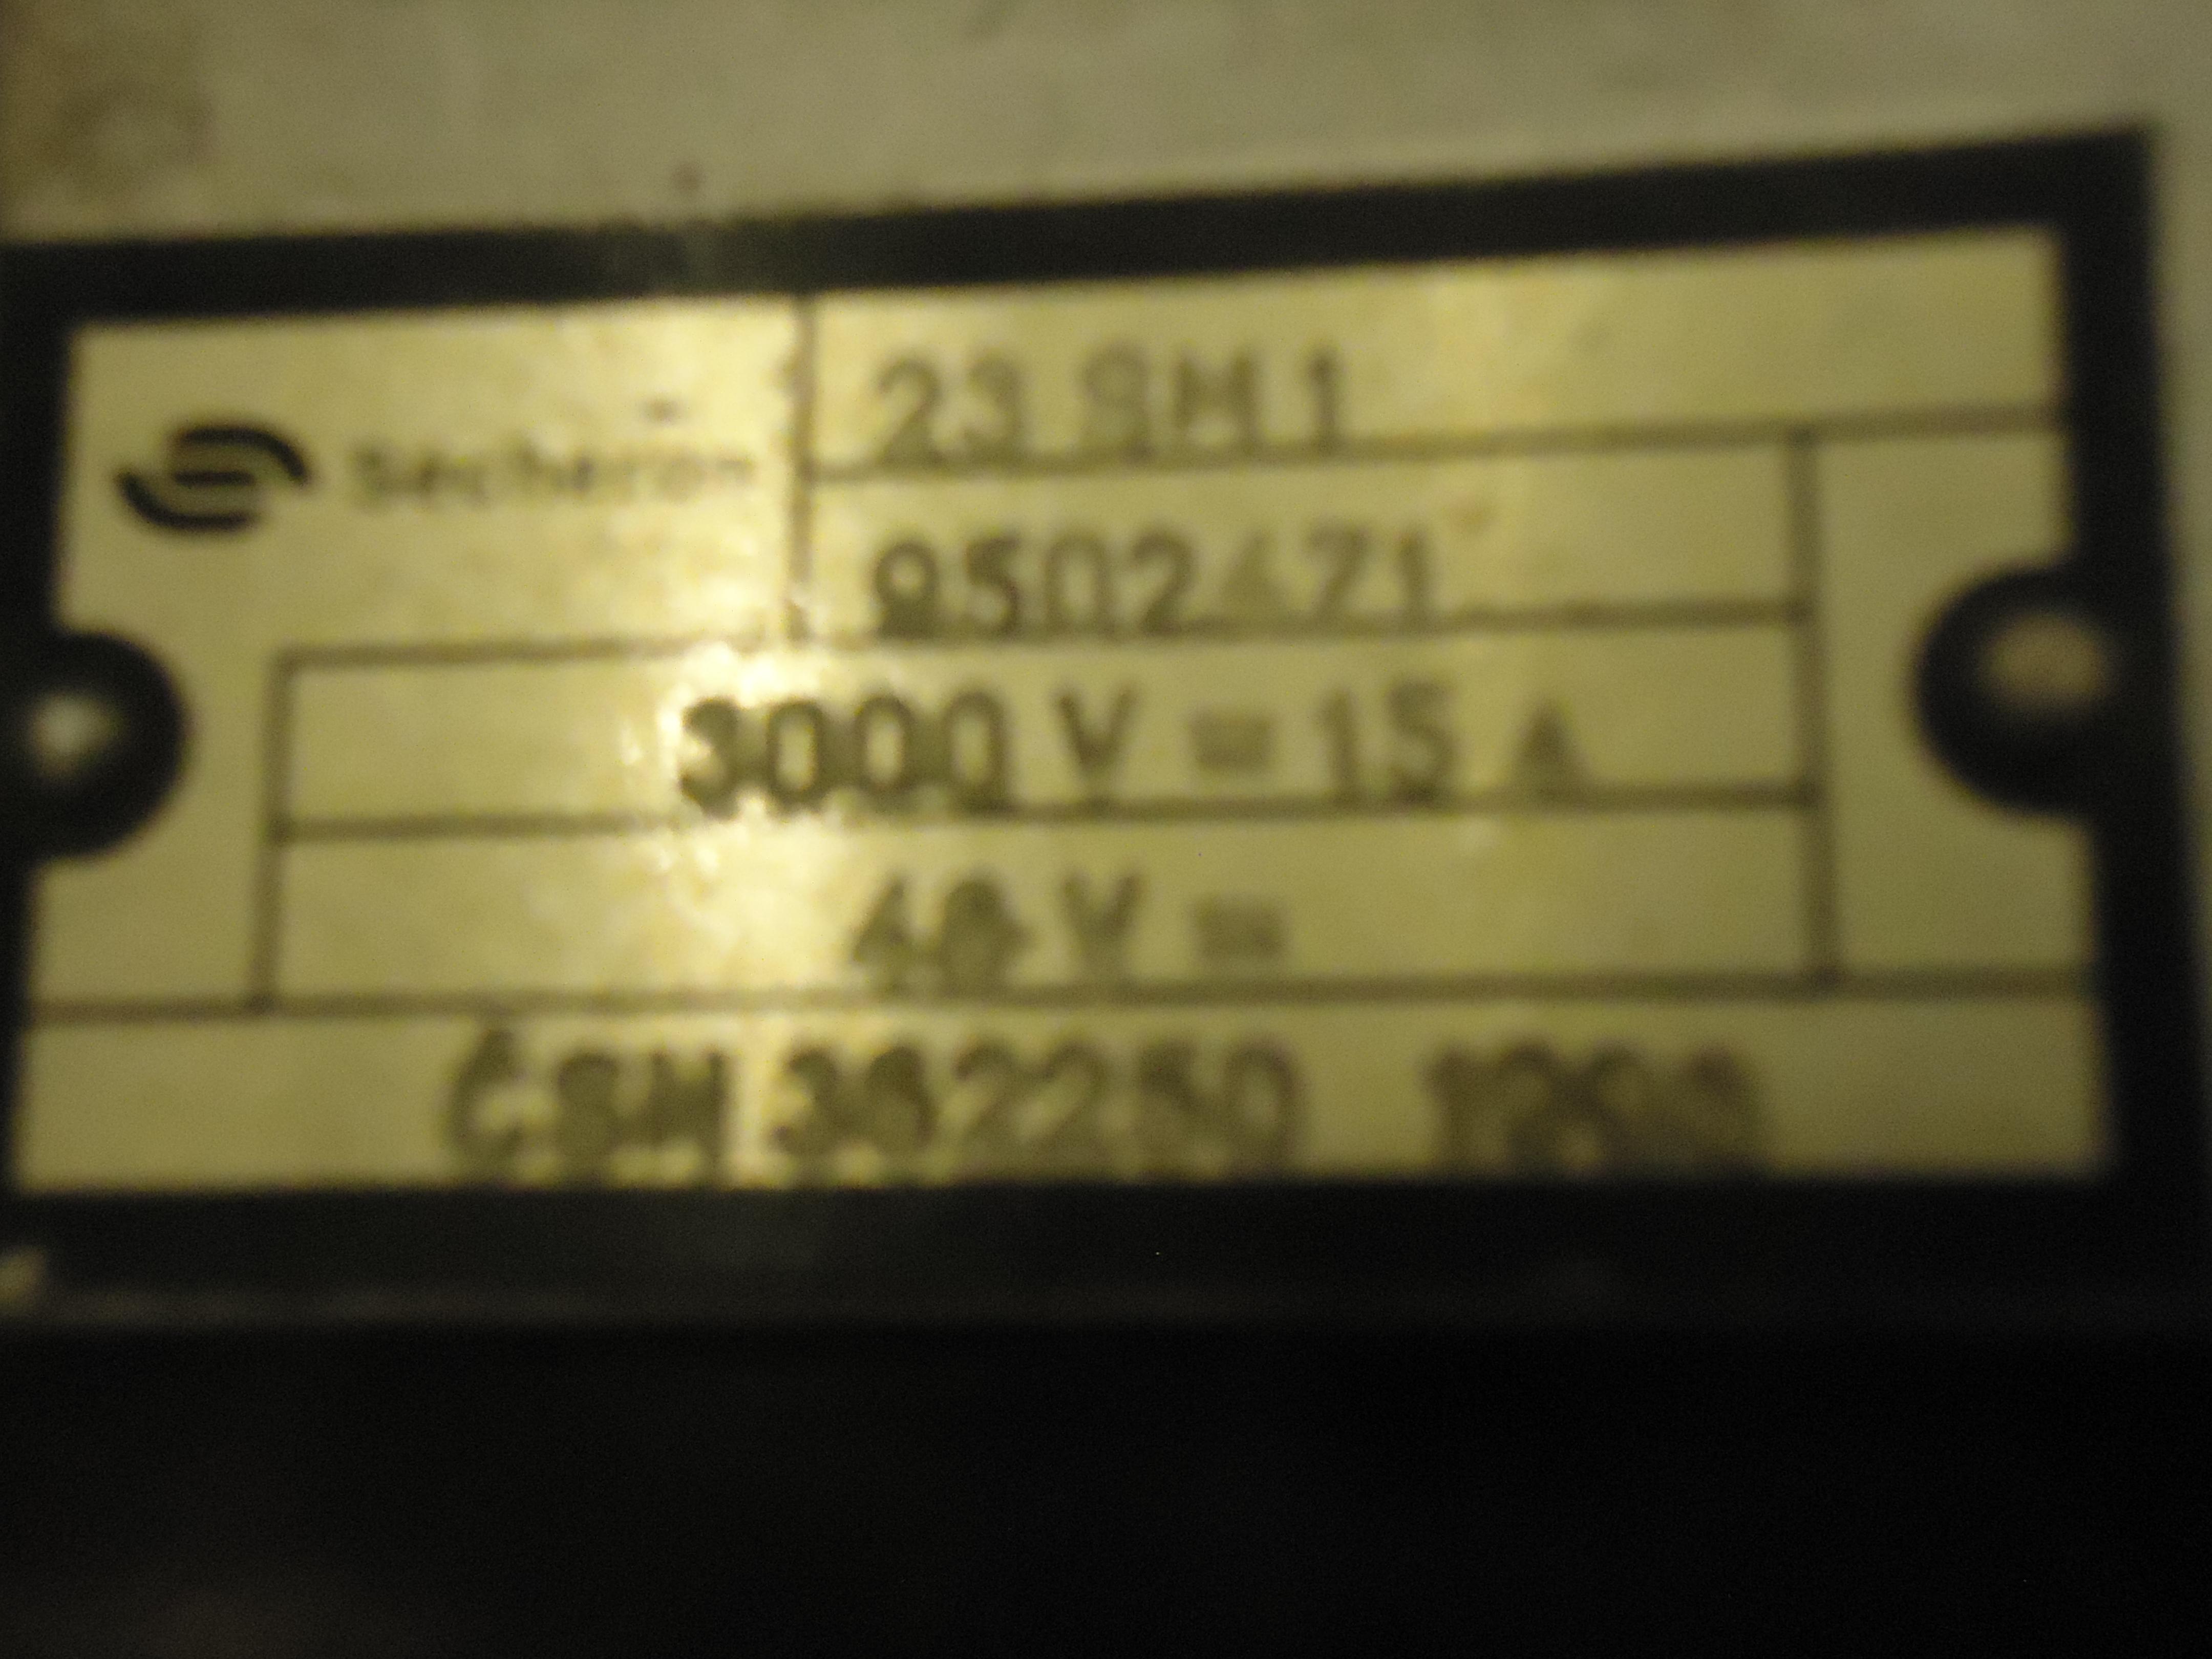 АКЦИЯ - Контакторы сешерон (secheron) 23 sm1 и 31 sm2, счетчик сквт для эле